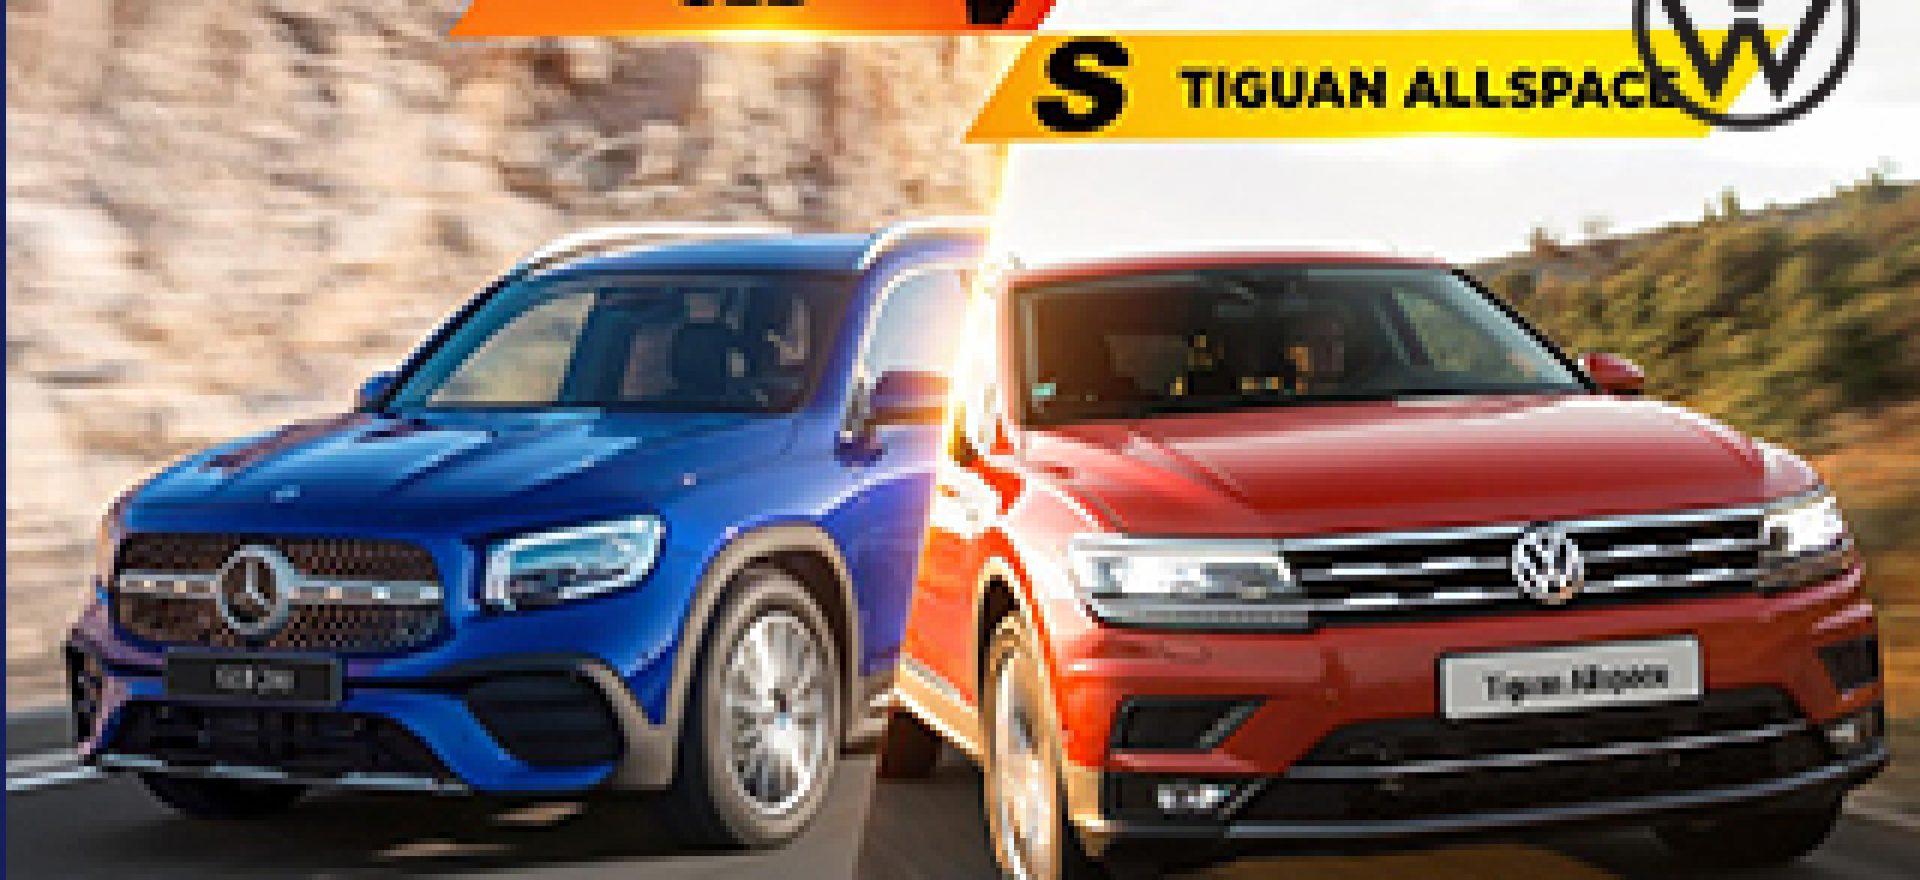 tiguan-allspace-vs-glb-200-cuoc-chien-suv-duc-07-cho-avatar